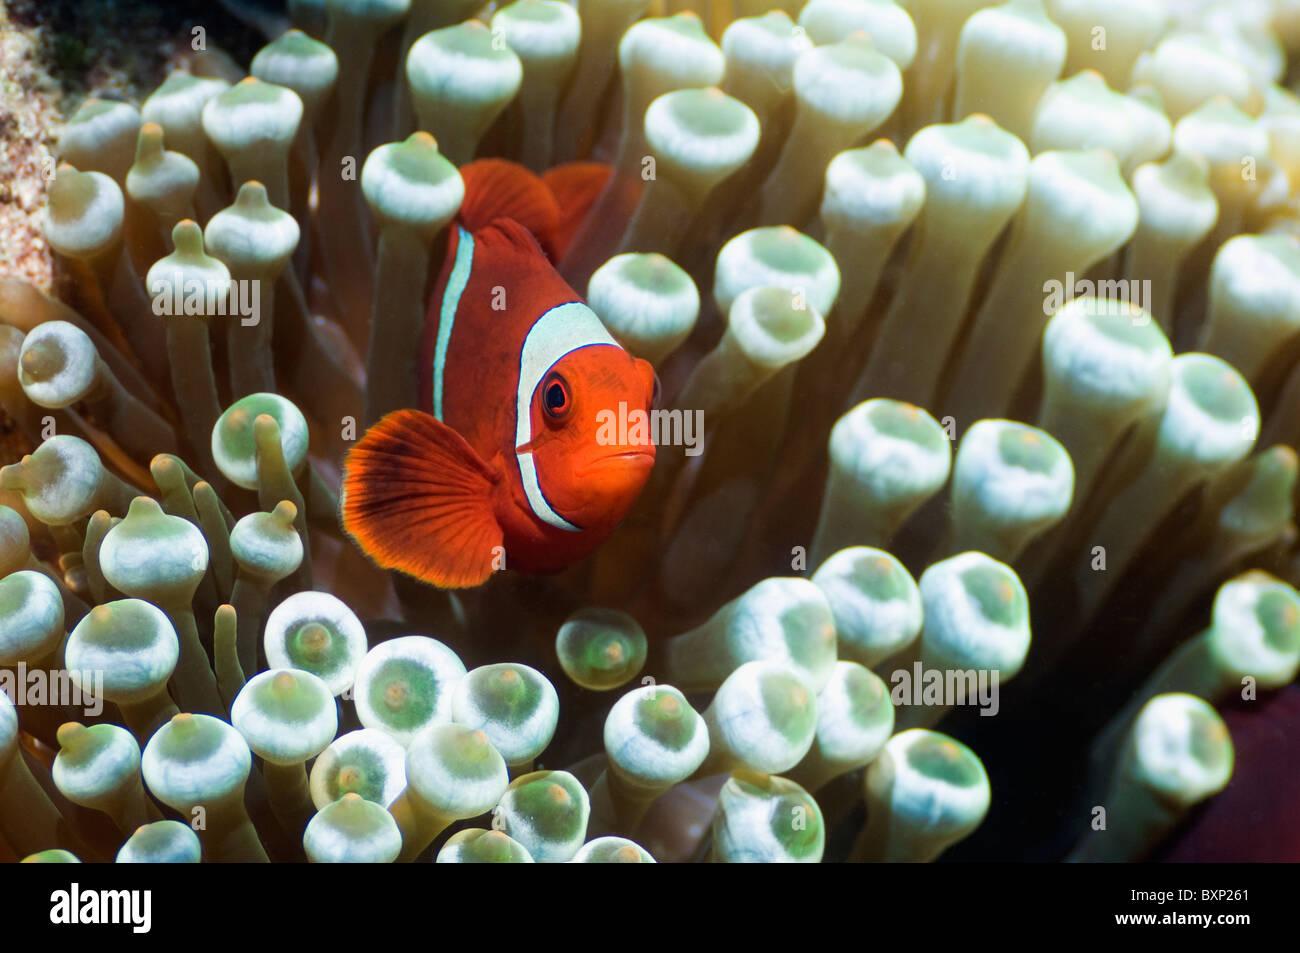 Spinecheek premnas biaculeatus poisson clown for Achat poisson clown